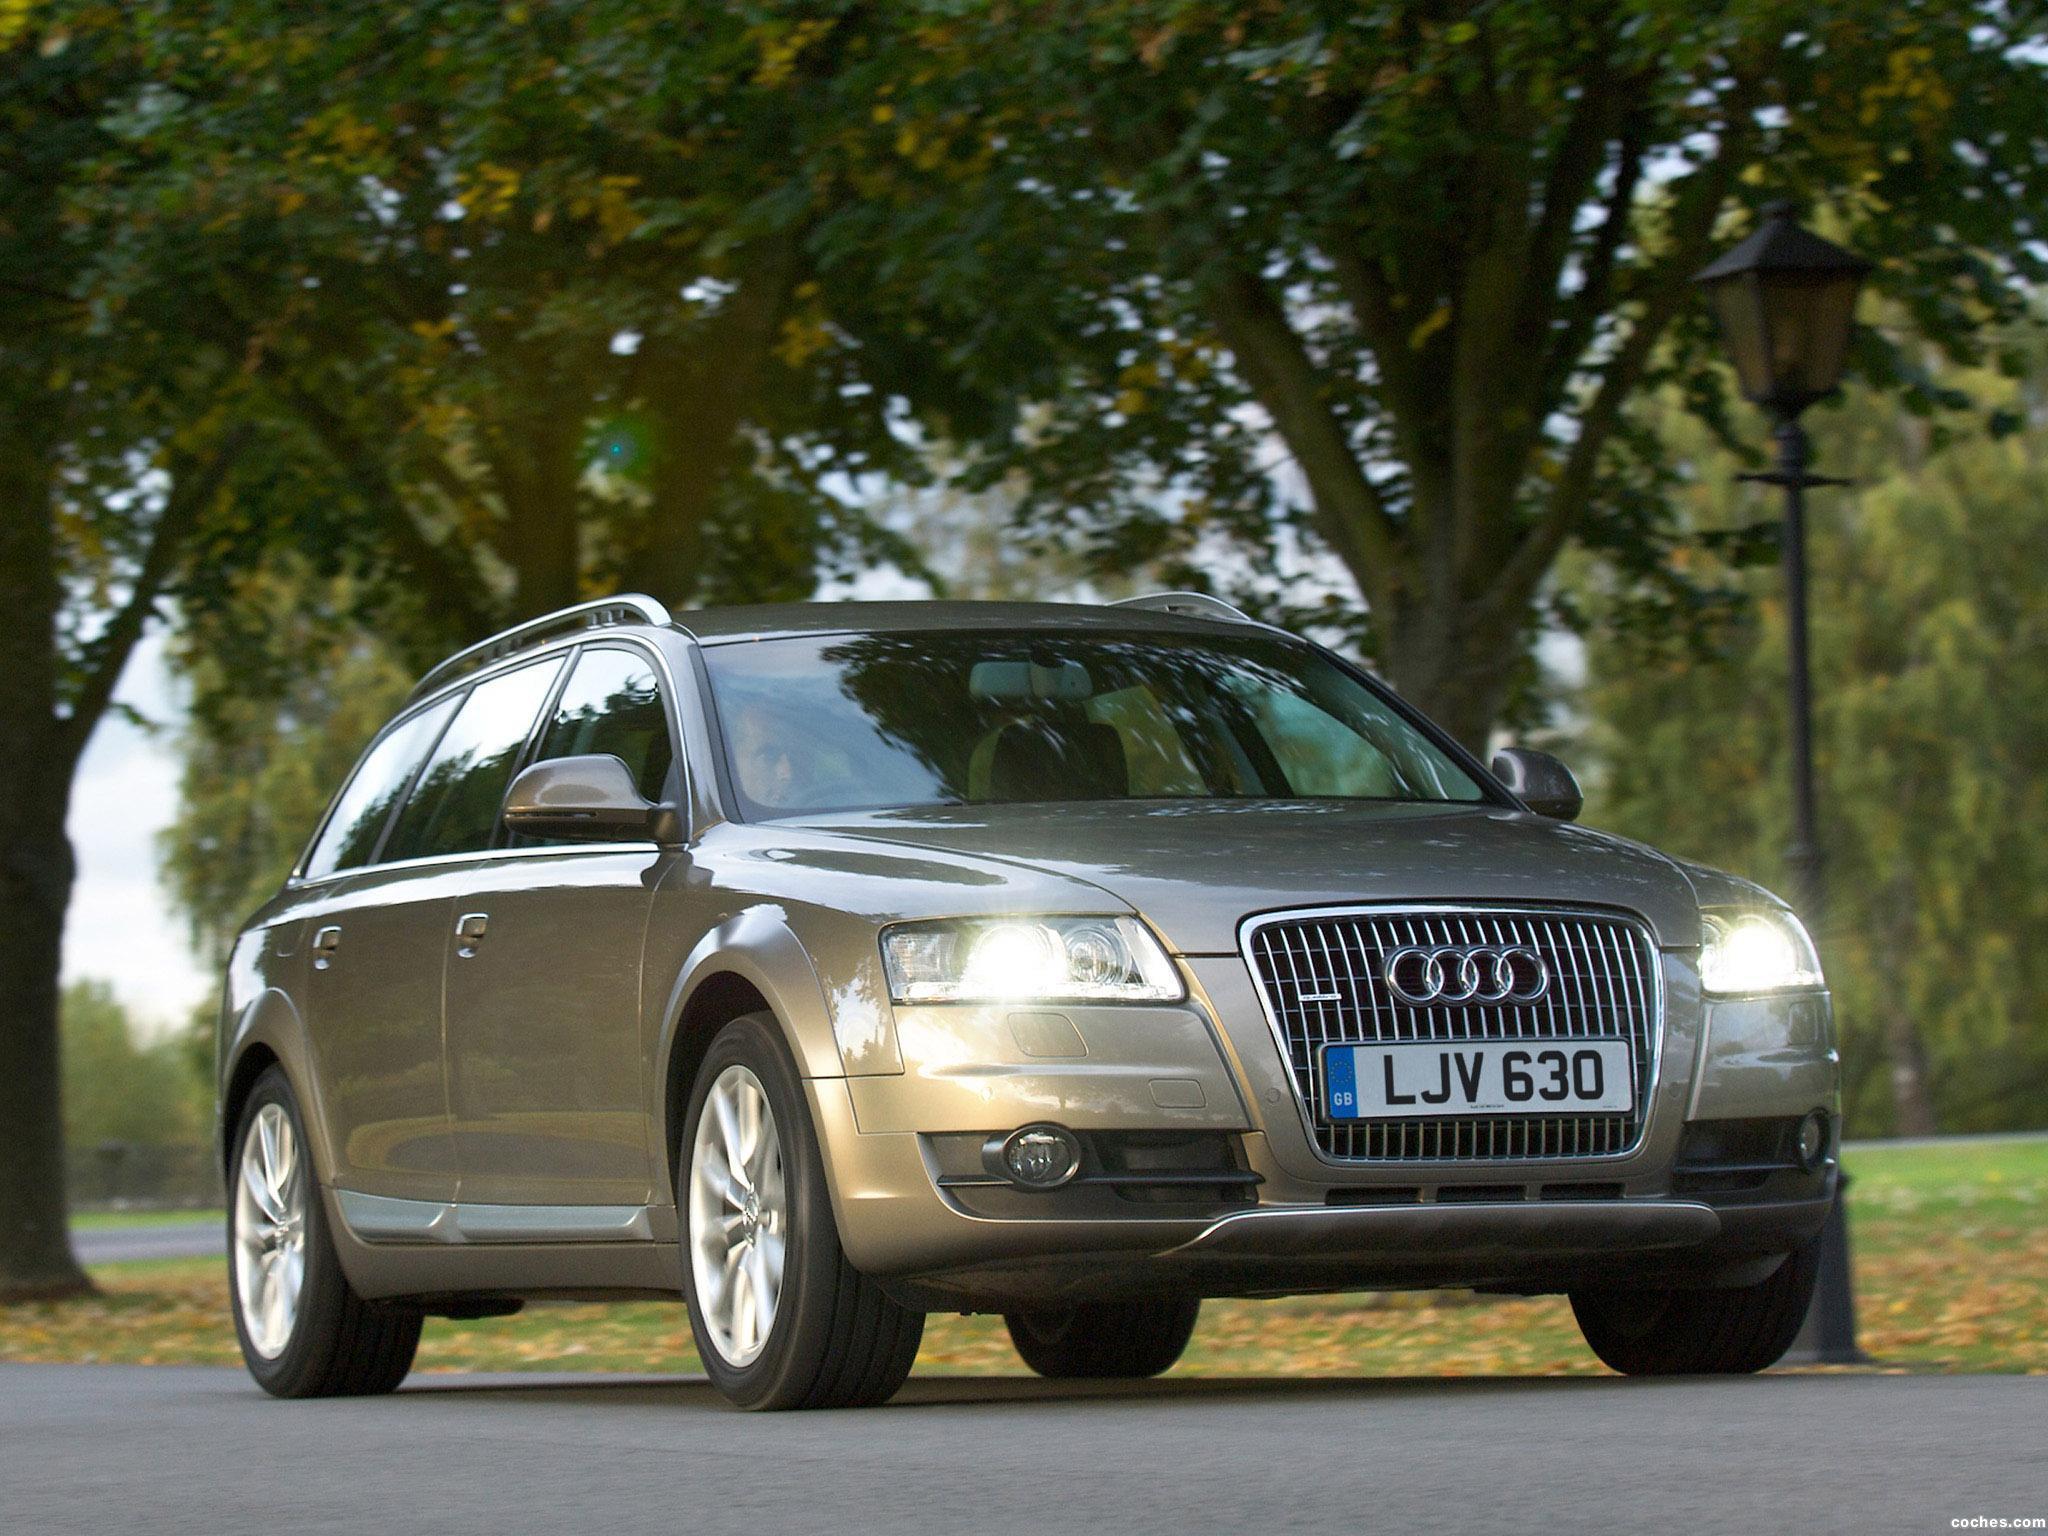 Foto 6 de Audi A6 Allroad 2.7 TDI Quattro UK 2008